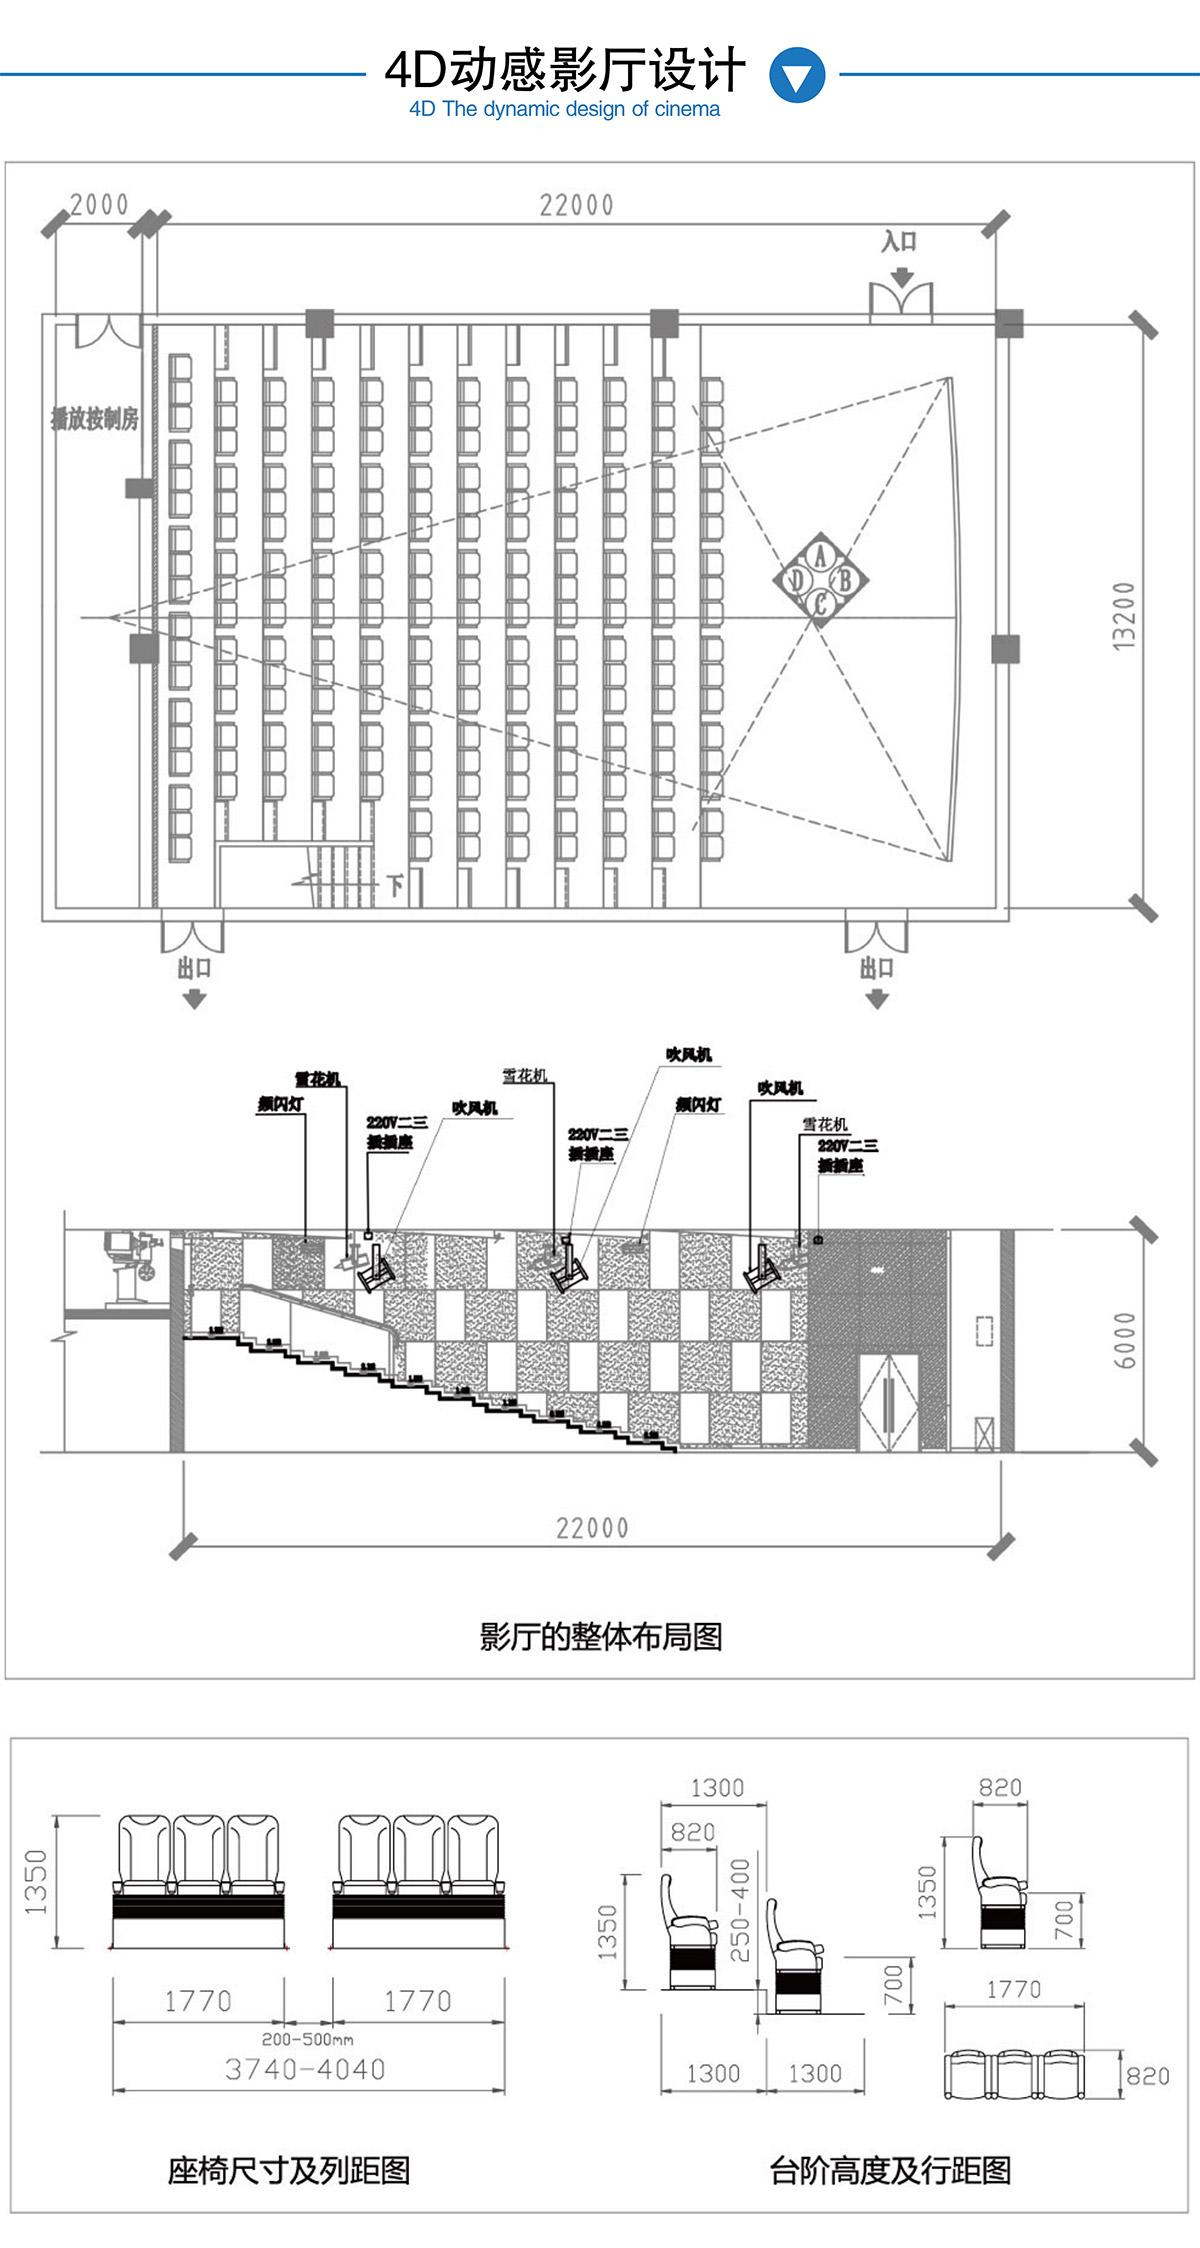 安全体验4D动感影厅设计.jpg